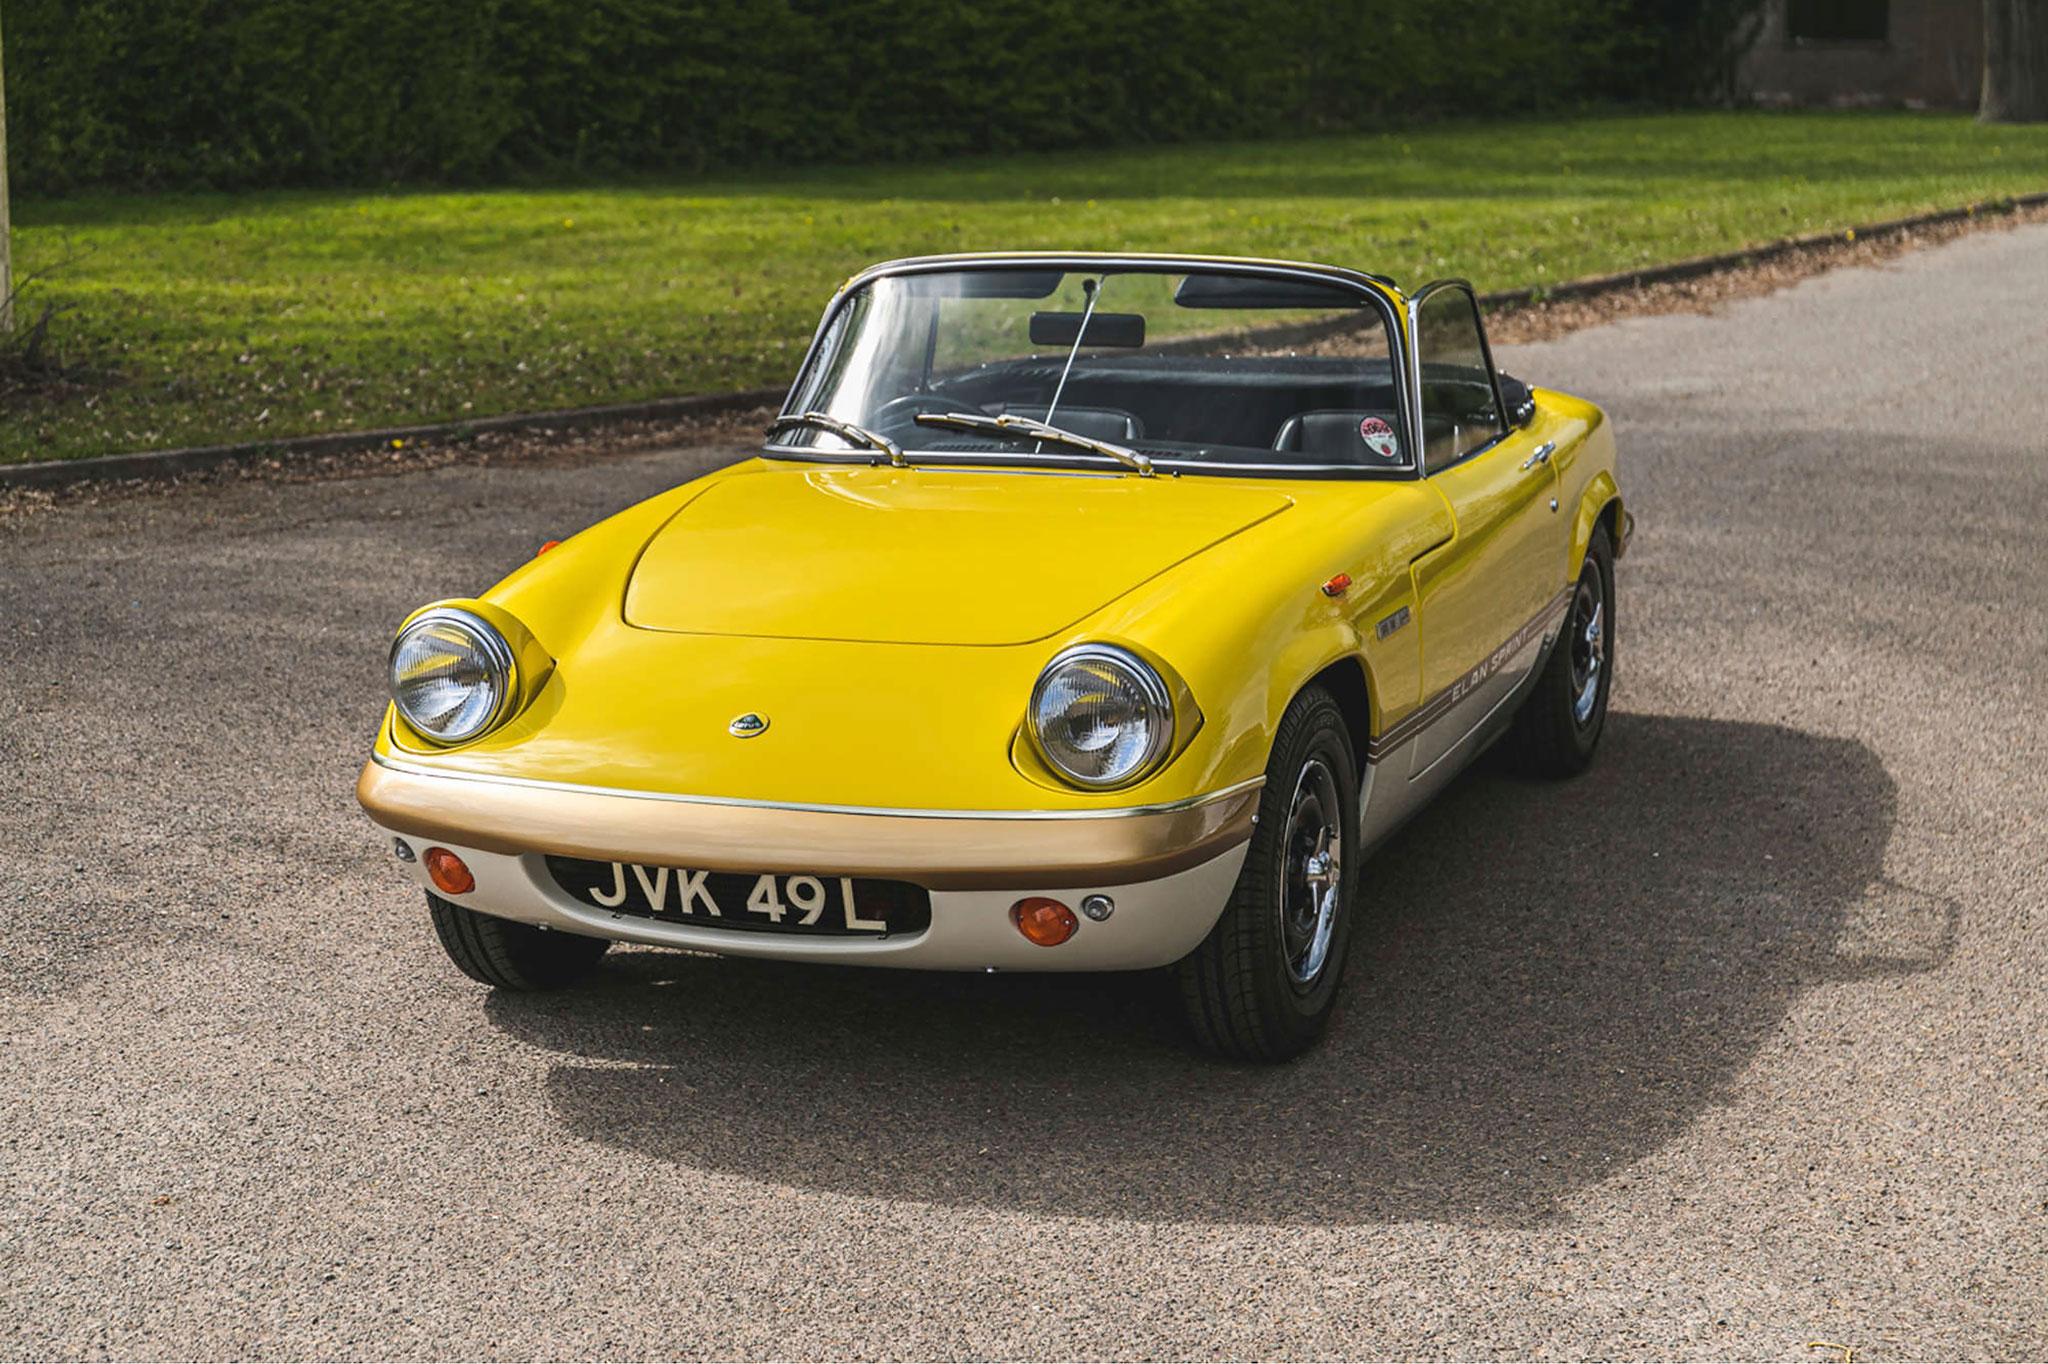 1972 Lotus Elan Sprint Convertible une sportive recherchée par les collectionneurs britanniques.